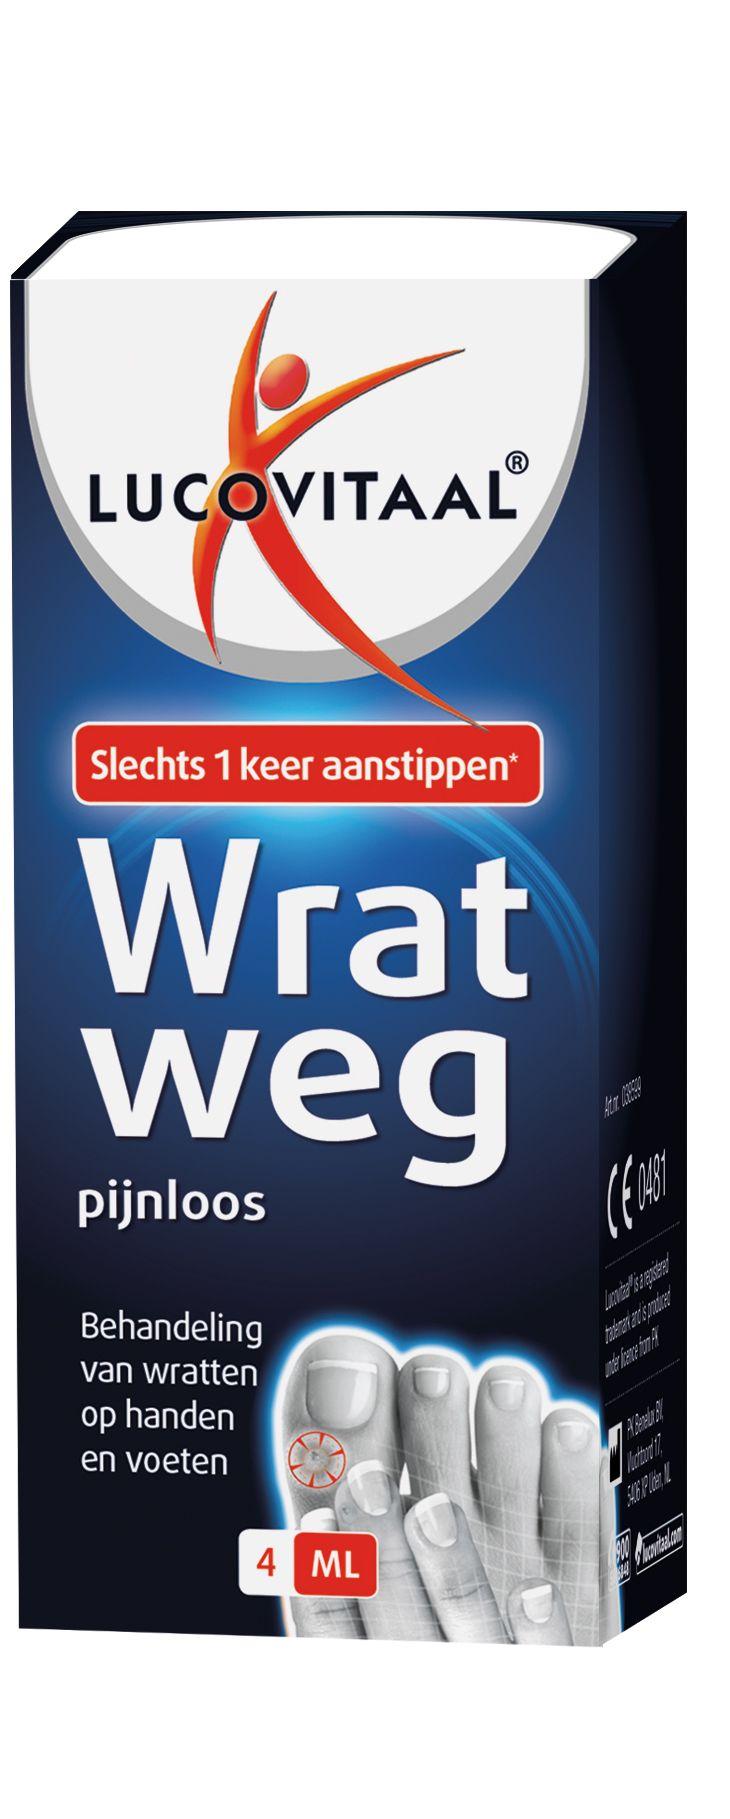 Lucovitaal Huid Wrat Weg Vloeibaar Handen en Voeten 4ml  Lucovitaal Wrat Weg. Dit product is een medisch hulpmiddel voor de behandeling van gewone wratten. Het bevat monochloorazijnzuur een stof die een afbrekende werking heeft op de huid. De wrat zal laagje voor laagje loslaten. Monochloorazijnzuur zorgt er voor dat de cellen die het wrattenvirus bevatten verdwijnen. De voordelen: Een voordeel van het gebruik van DermaForte Wrat weg is dat het aanstippen van de wrat geen pijn doet mits…